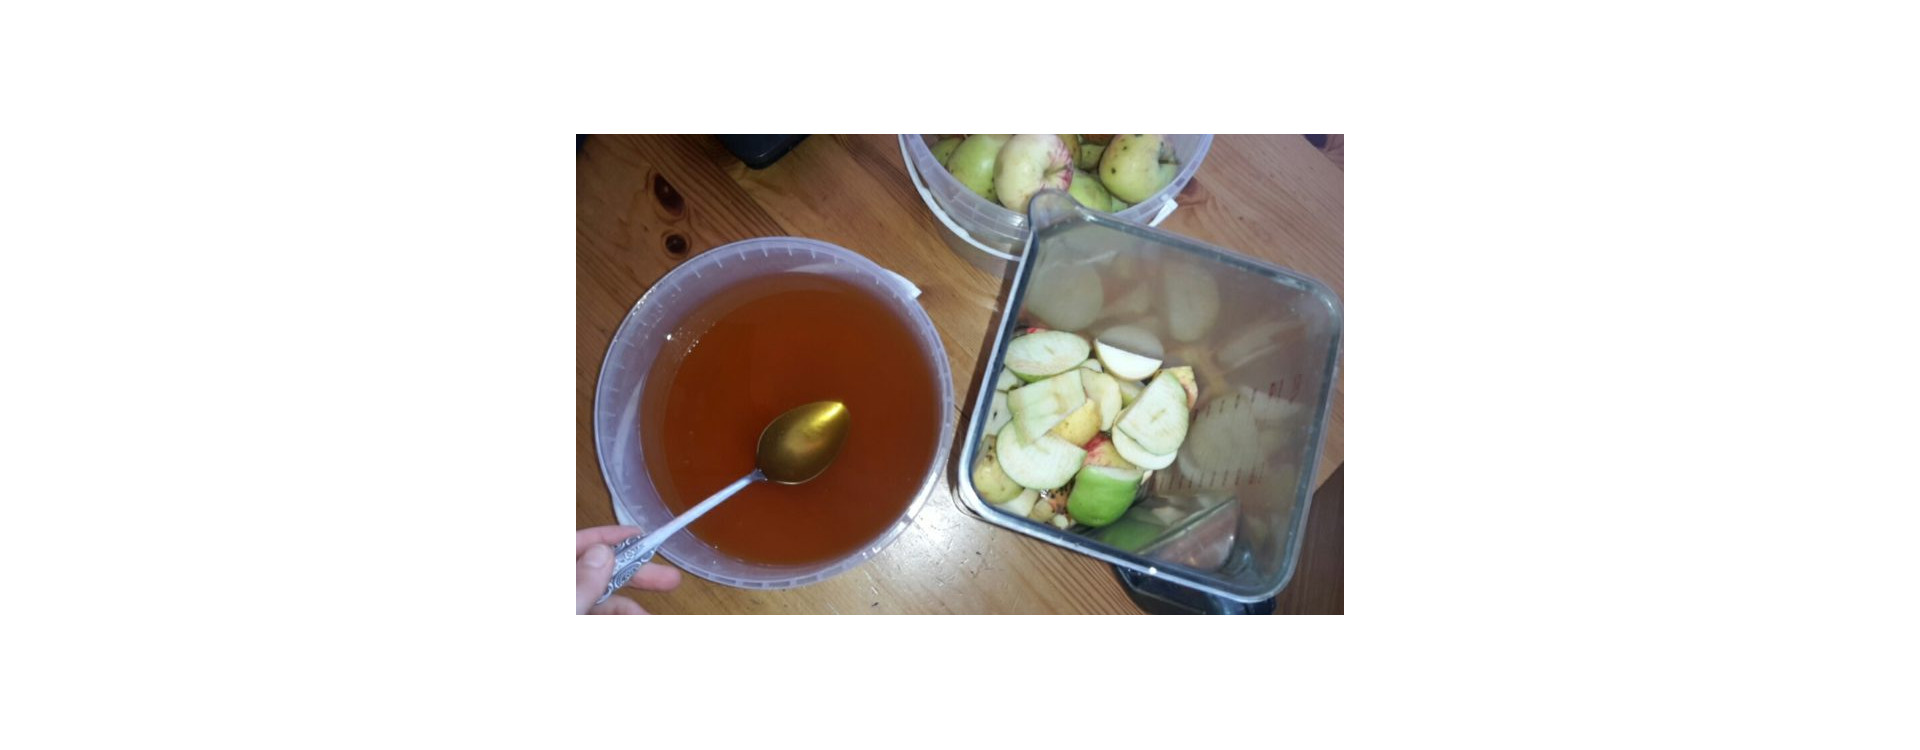 Пастила из яблок без сахара пошаговый рецепт с фото